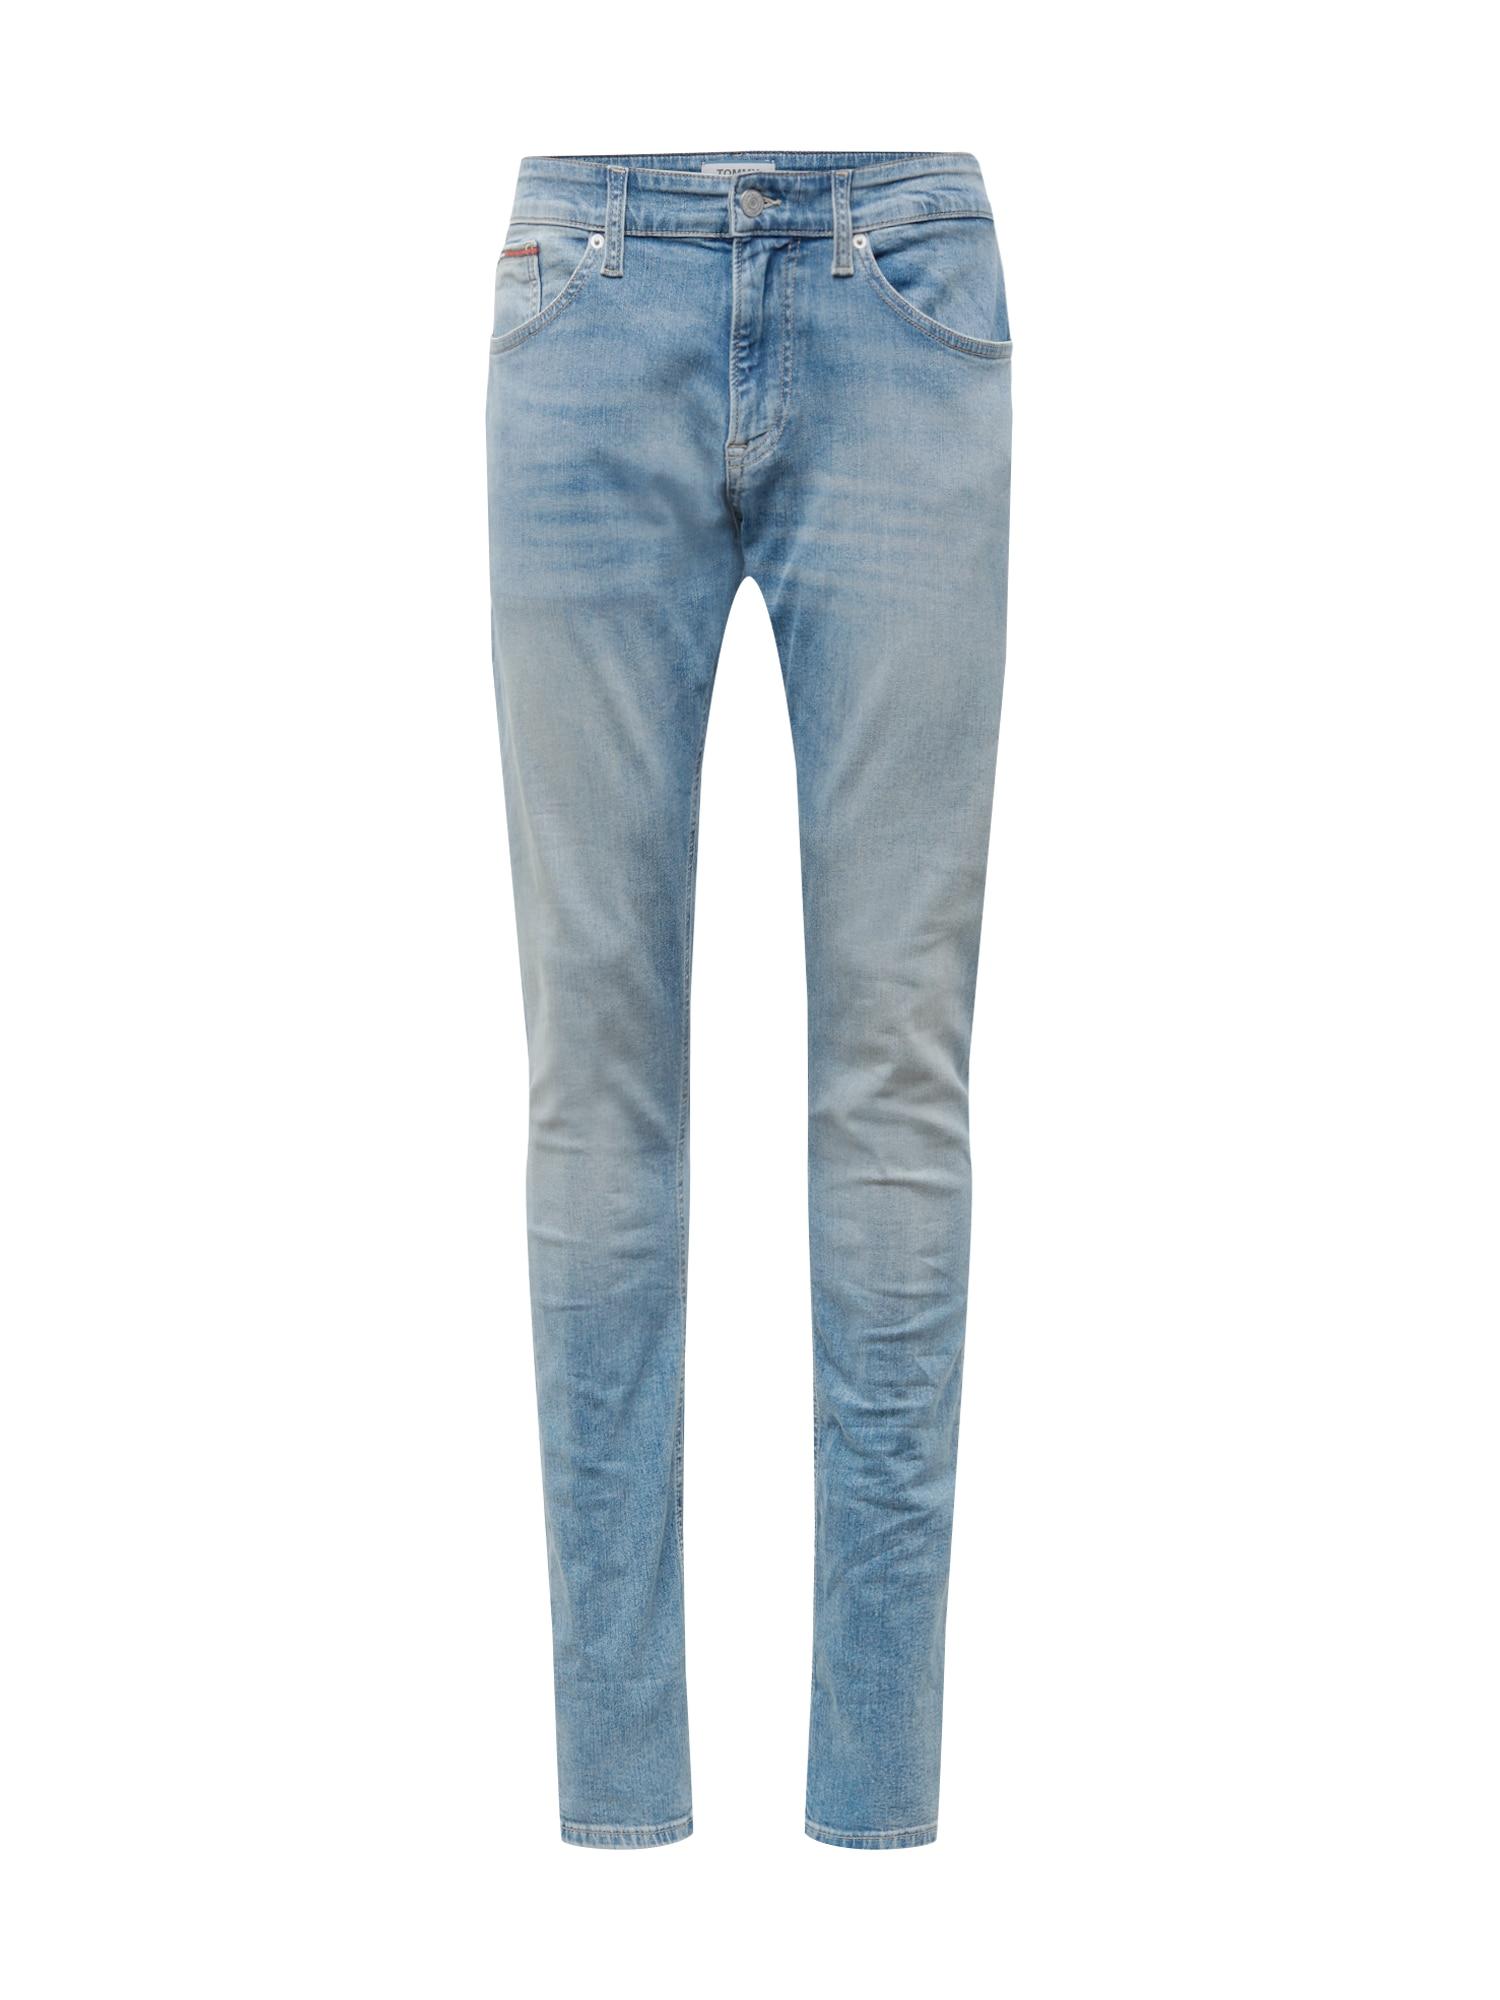 Džíny STEVE FRLT modrá džínovina Tommy Jeans